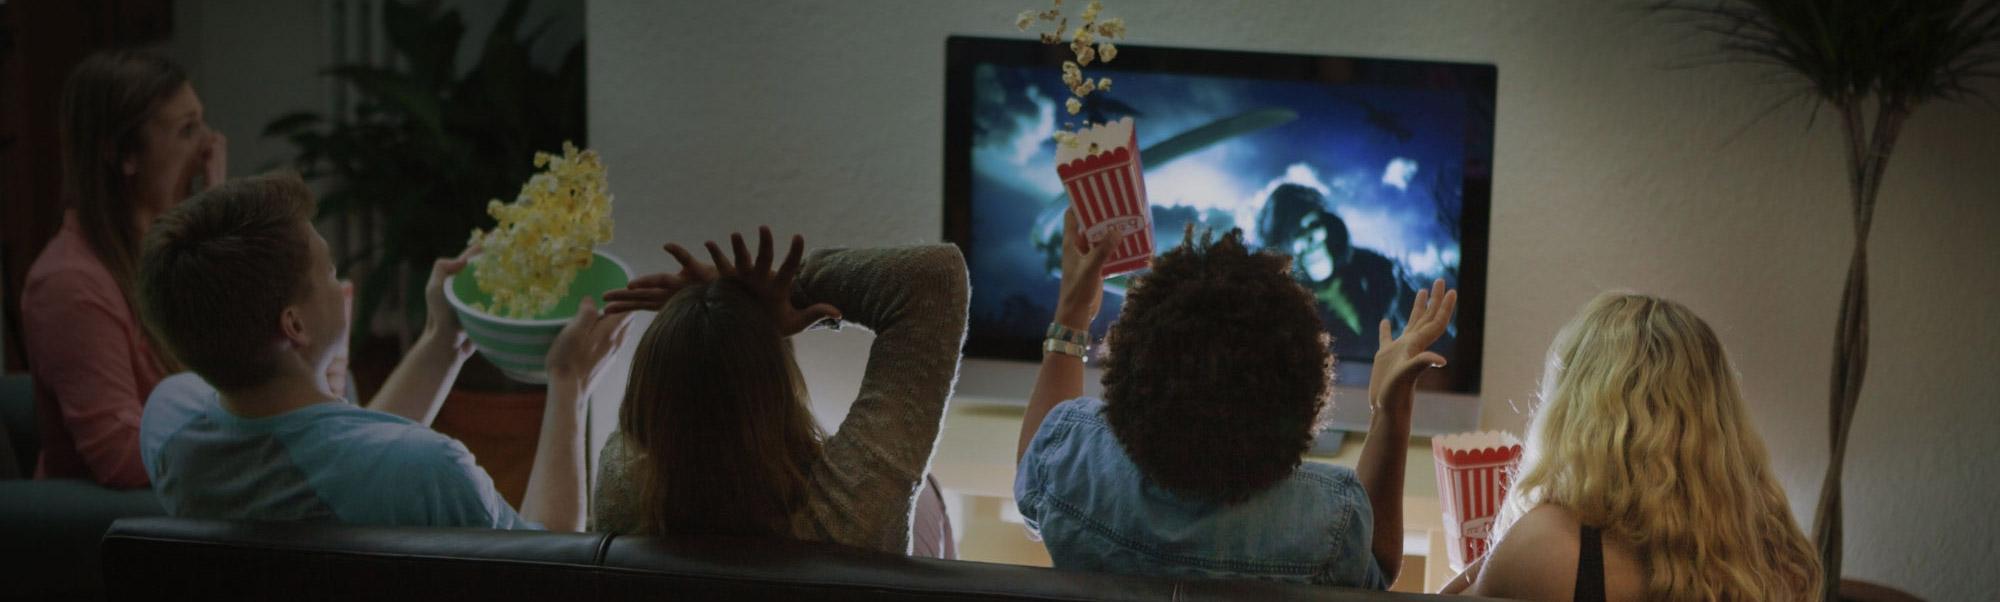 Regardez les derniers films, où que vous soyez